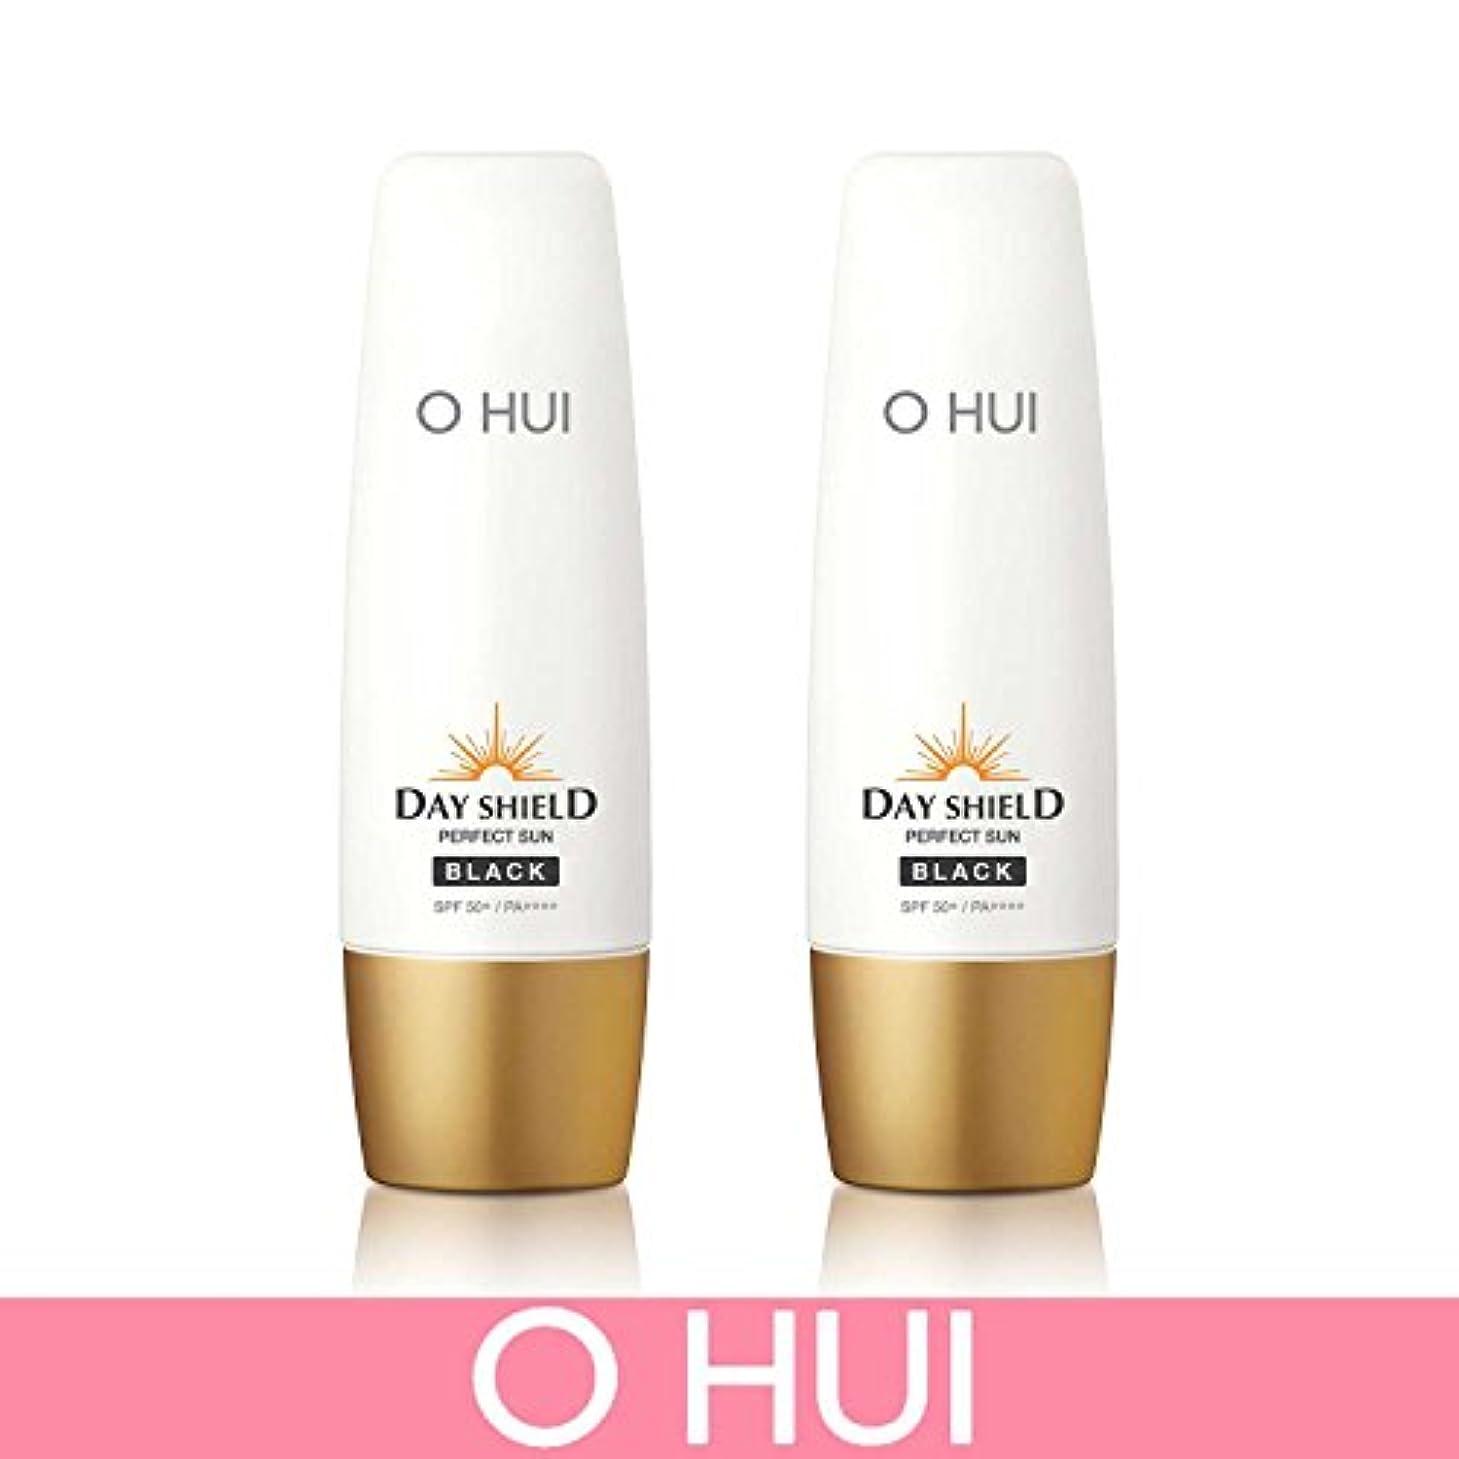 ペルーバイオリニスト短くする[オフィ/ O HUI]韓国化粧品 LG生活健康/ ERFECT SUN BLACK DUO /日焼け止め (SPF50+/PA+++) 50ml +50ml +[Sample Gift](海外直送品)